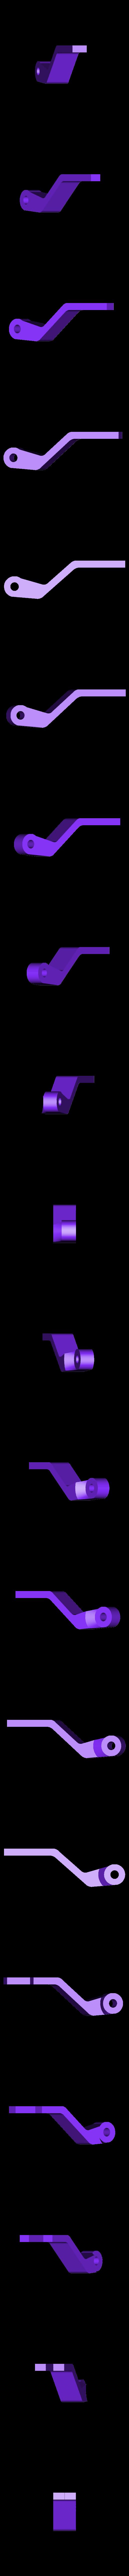 fanArm.stl Télécharger fichier STL gratuit Ventilateur plat 40mm pour Mendel90 • Design imprimable en 3D, franciscoczapski